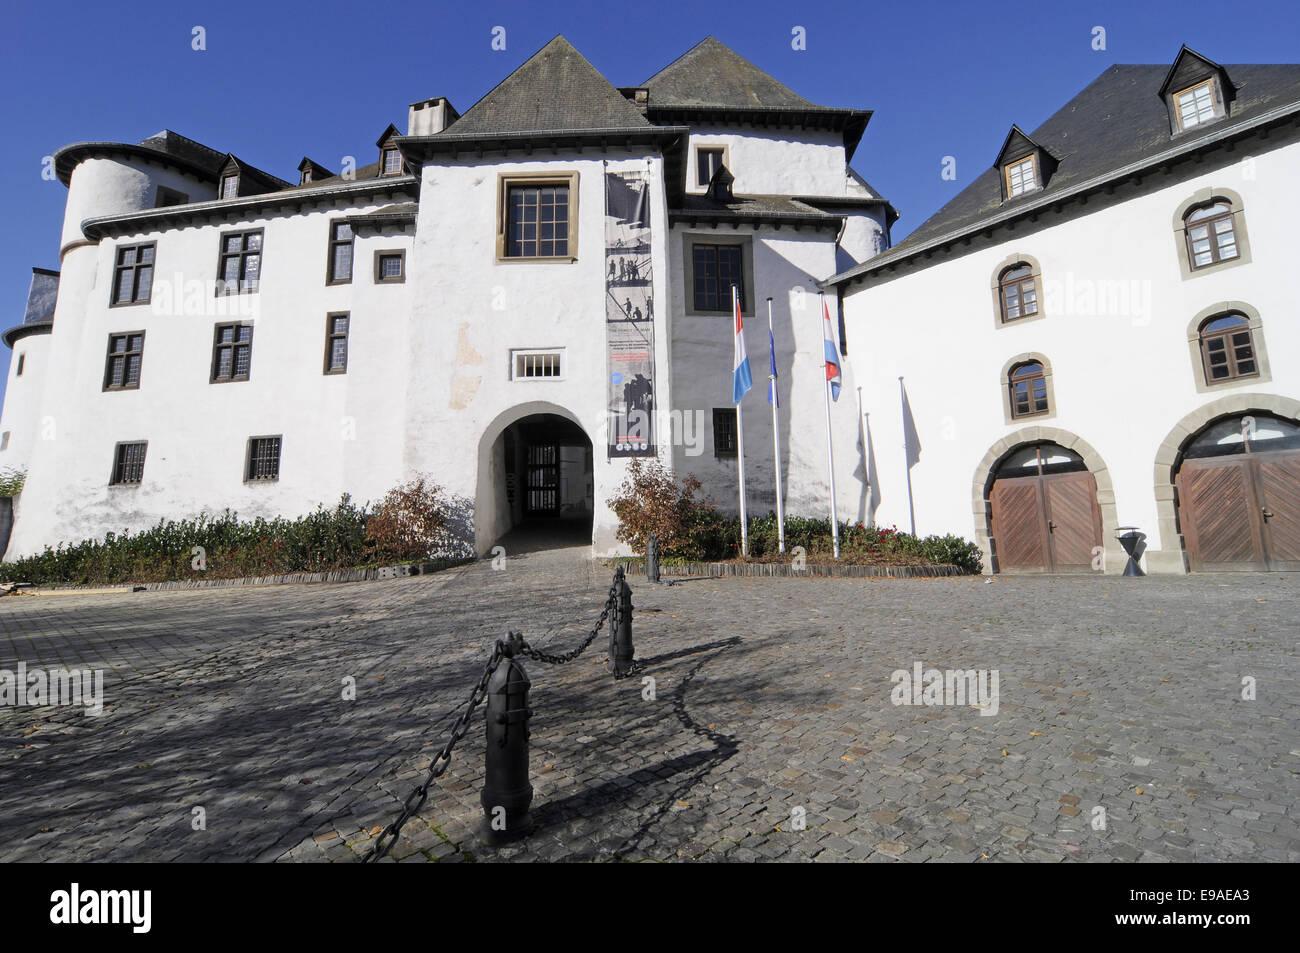 Hotel Nahe Luxemburg